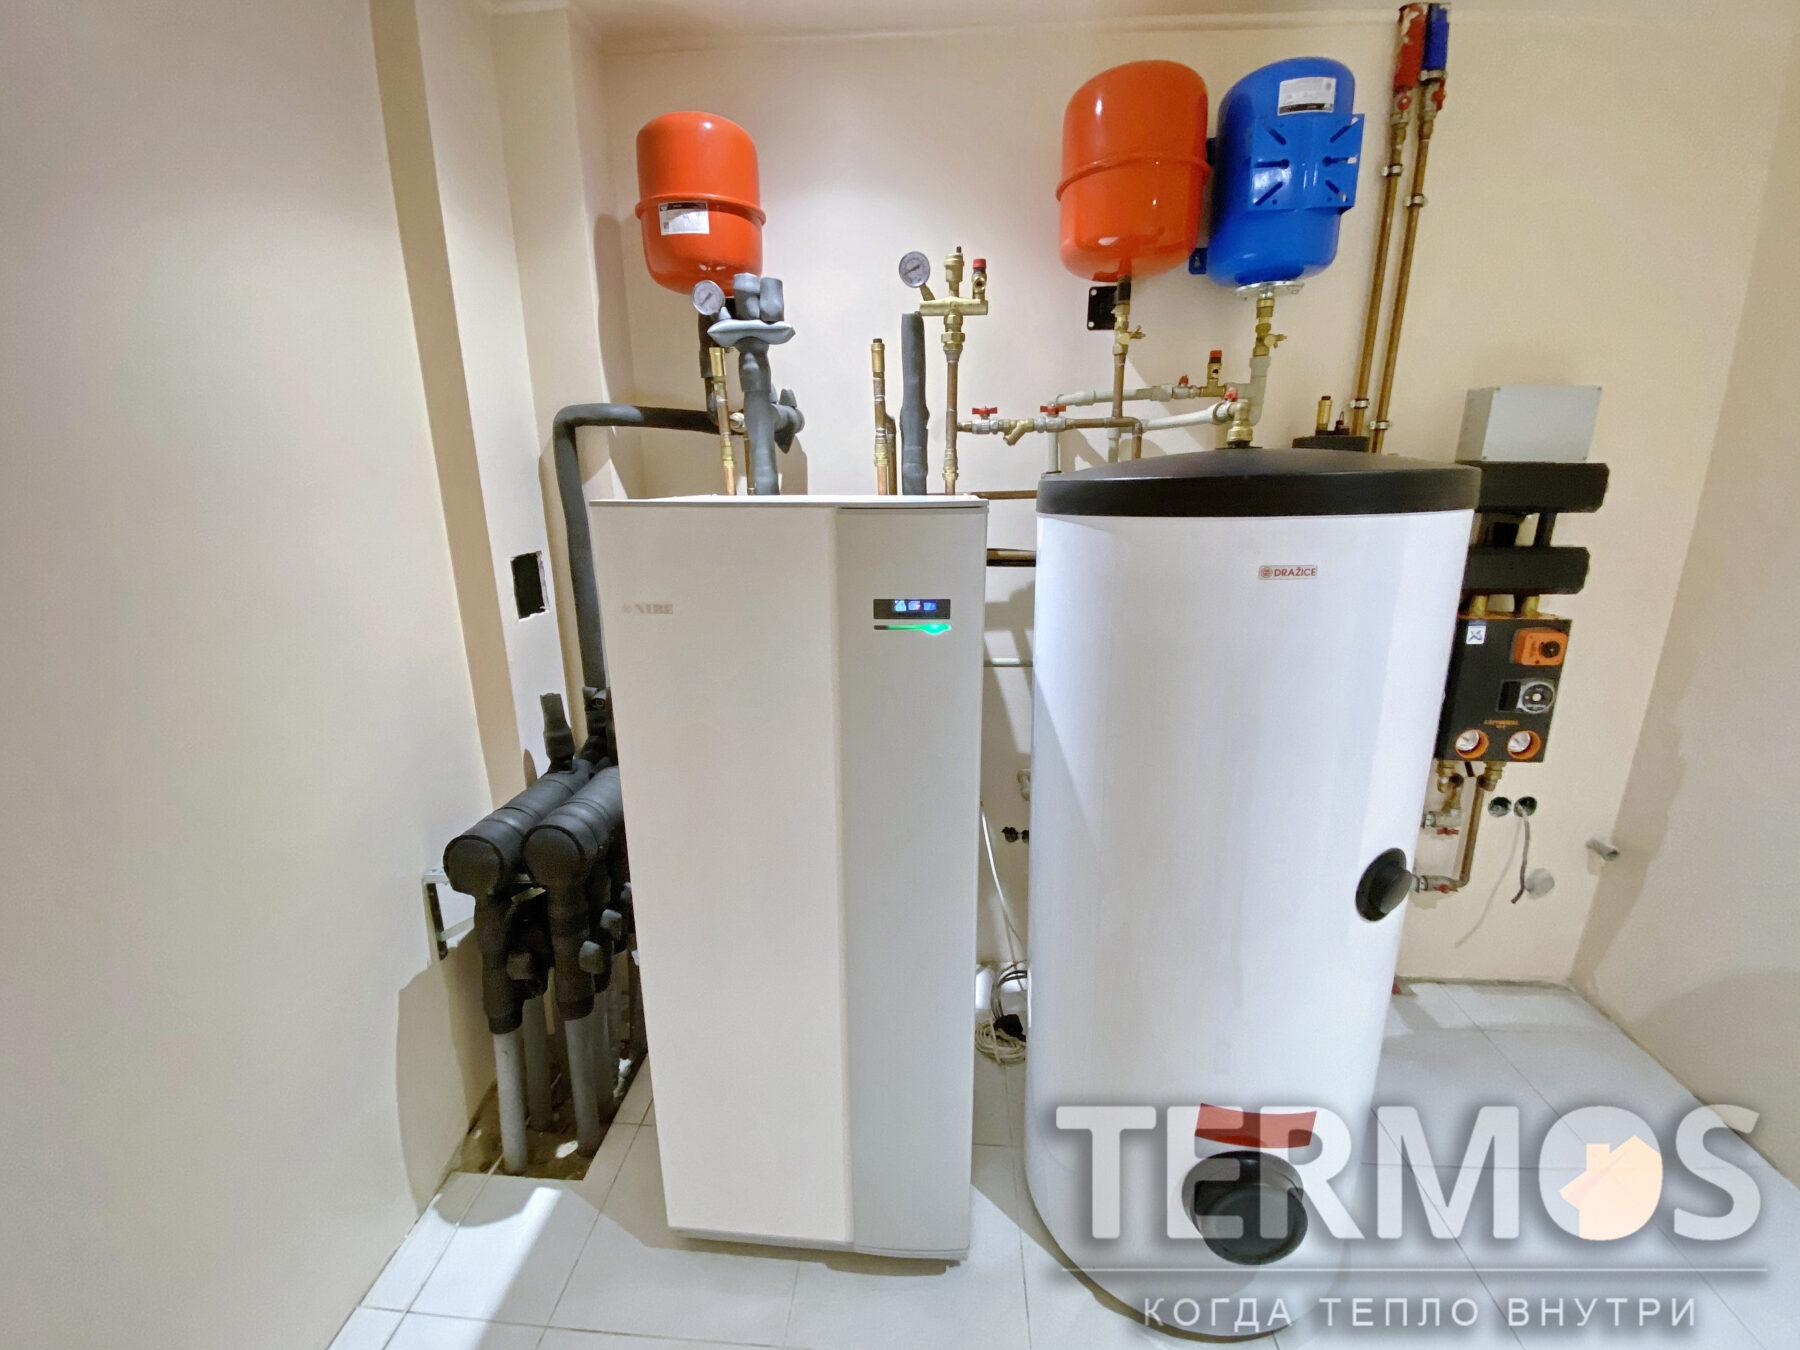 Крюковщина. Коттедж 150 м.кв. Геотермальный тепловой насос NIBE 8 кВт. Обеспечивает отопление и горячее водоснабжение